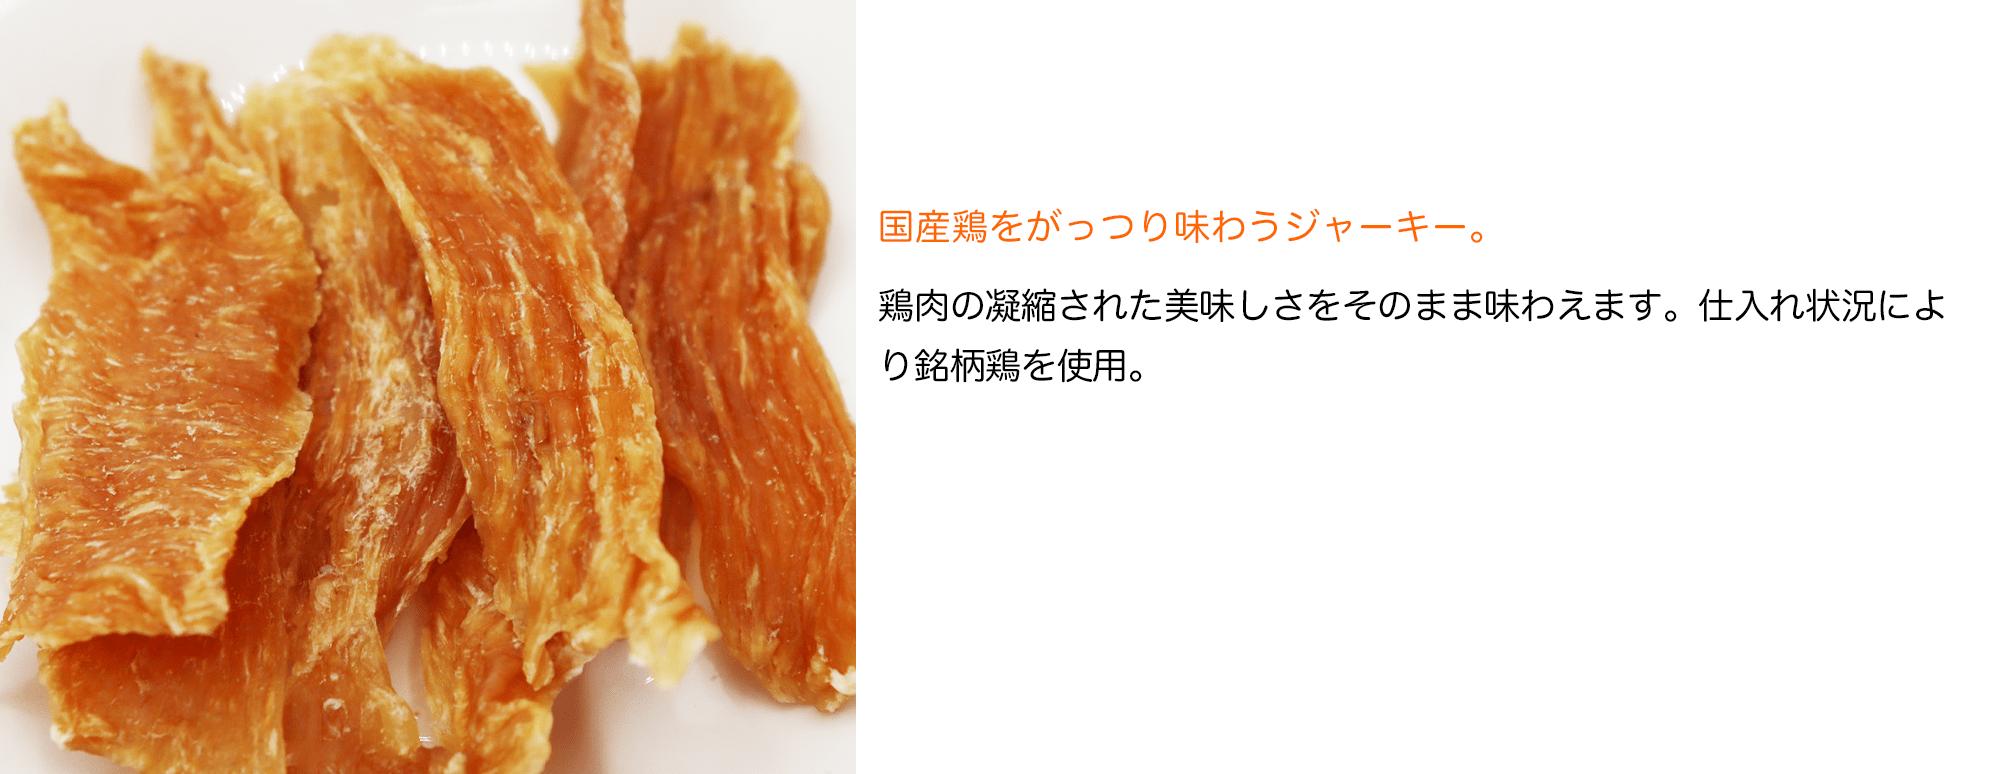 国産鶏むね肉のジャーキー